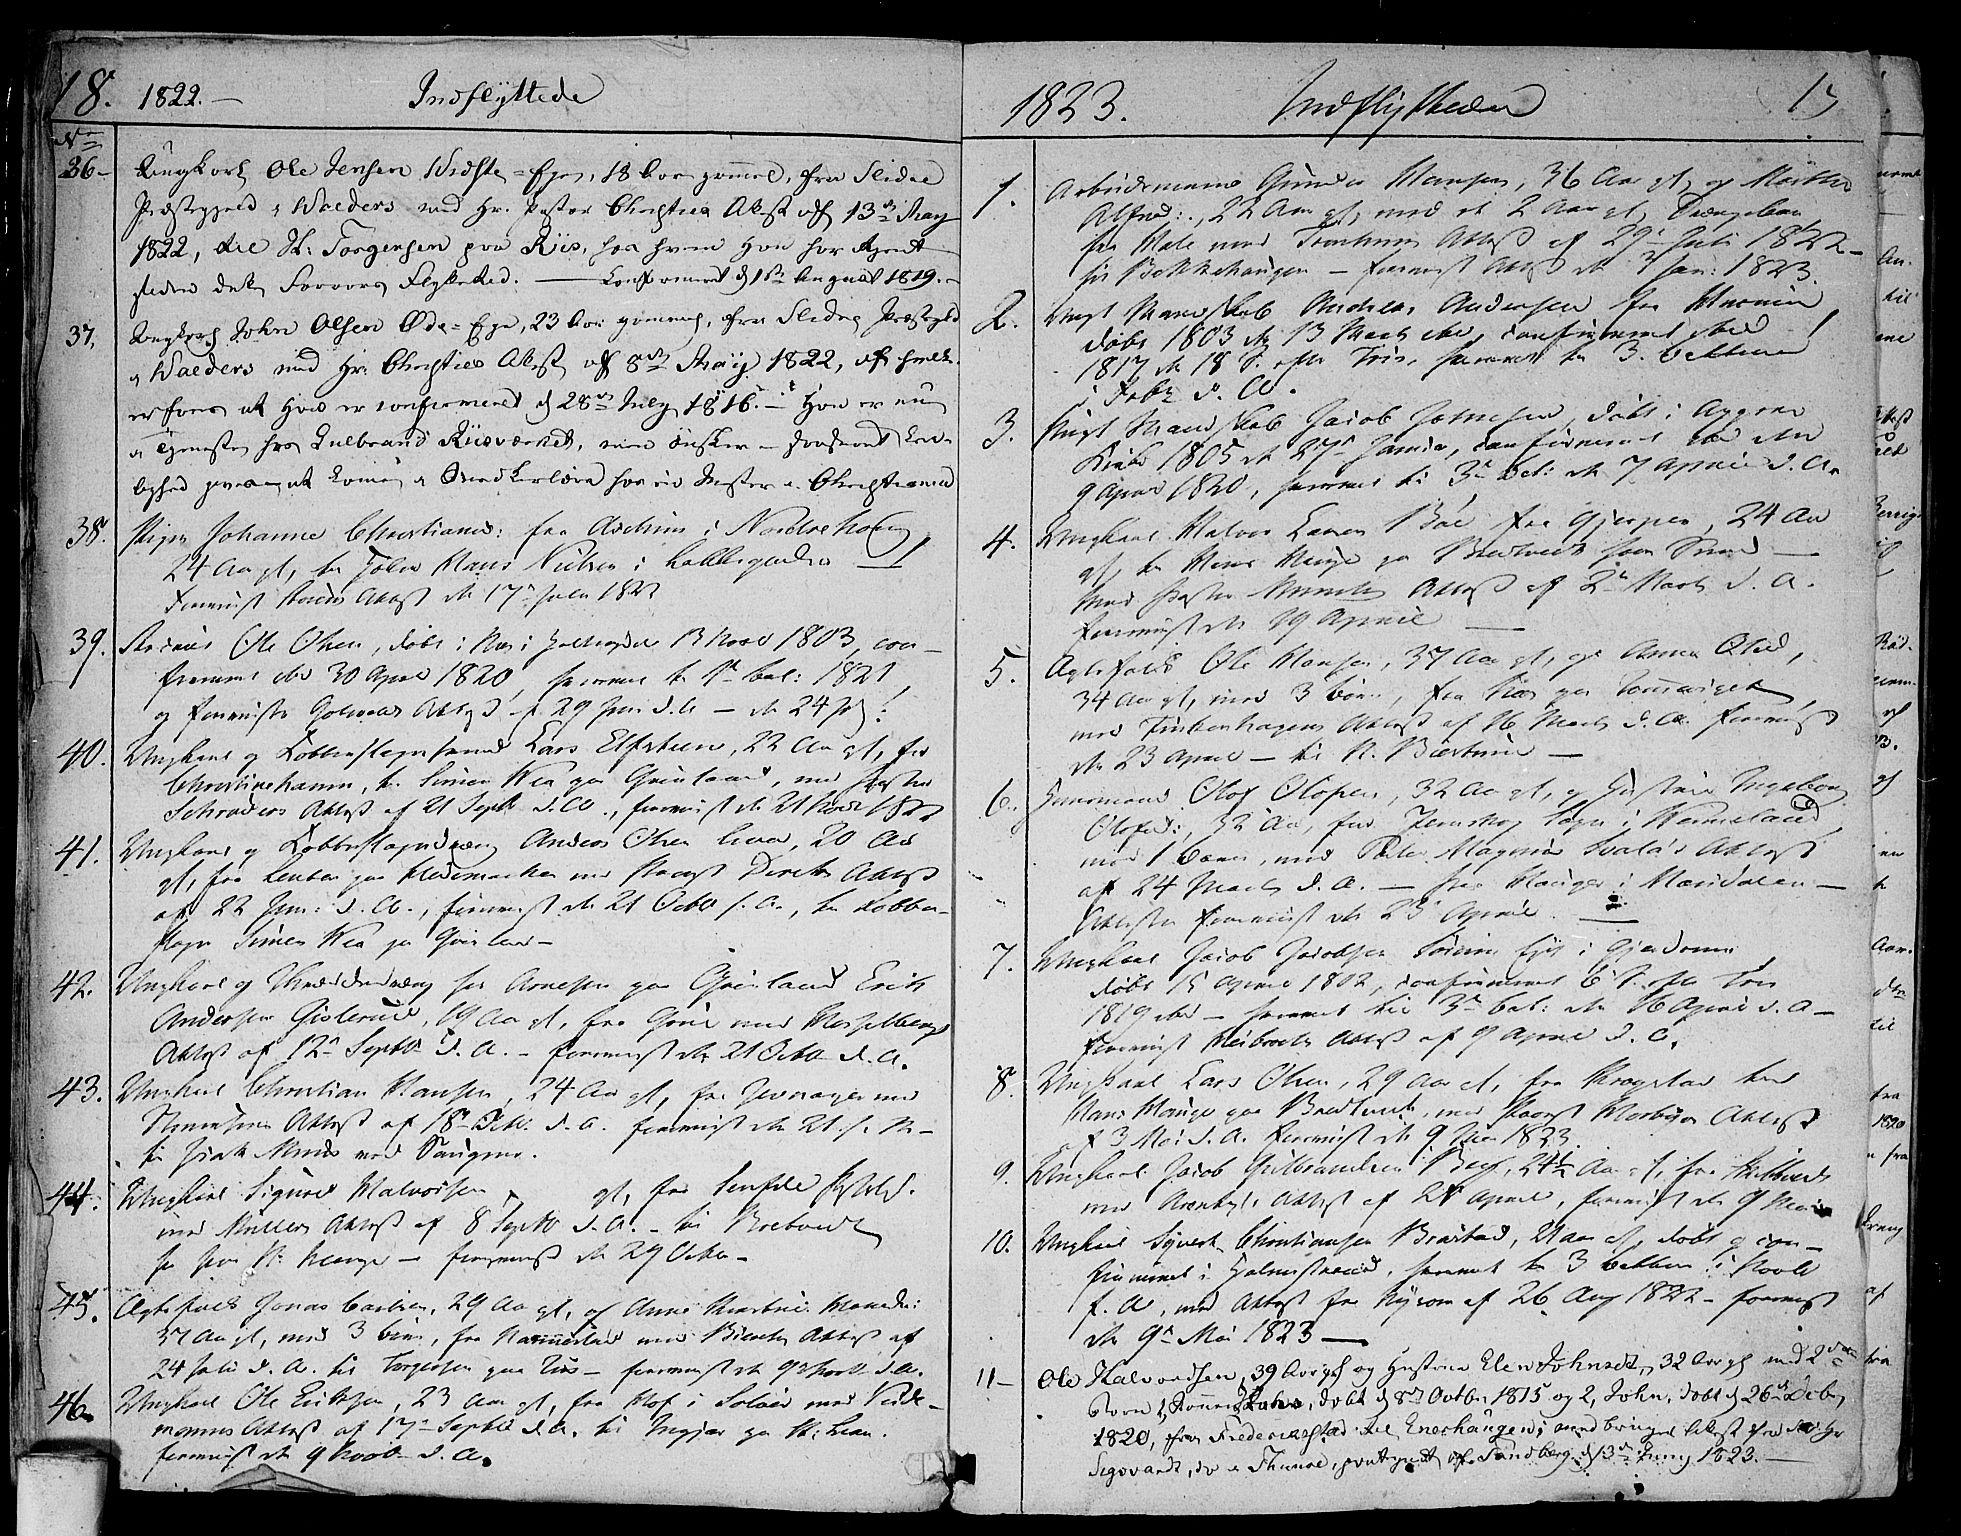 SAO, Aker prestekontor kirkebøker, F/L0014b: Ministerialbok nr. 14B, 1820-1834, s. 18-19